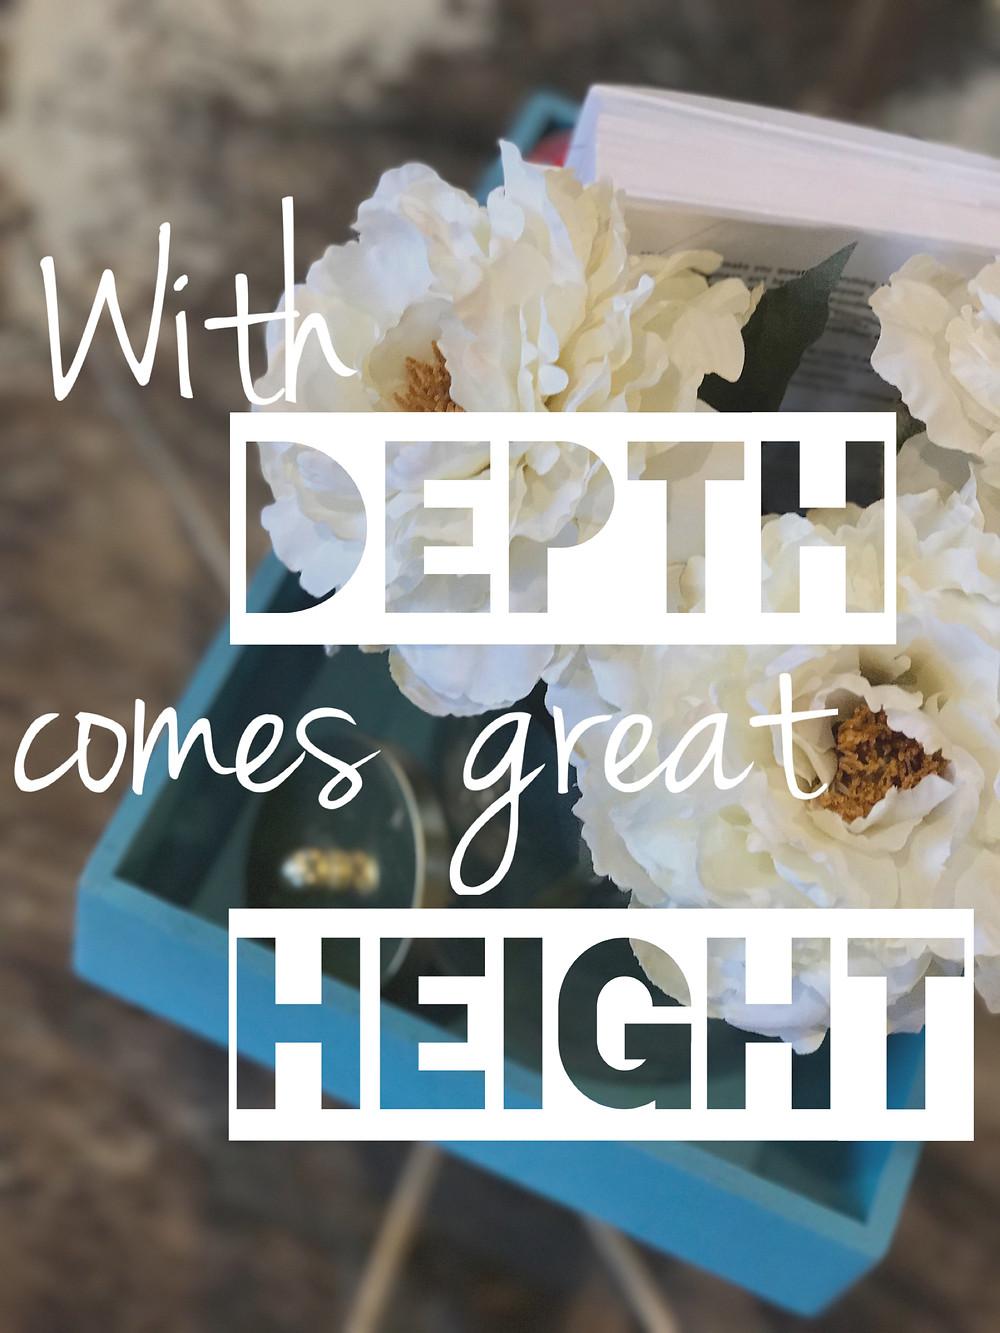 Depth is how we go higher.